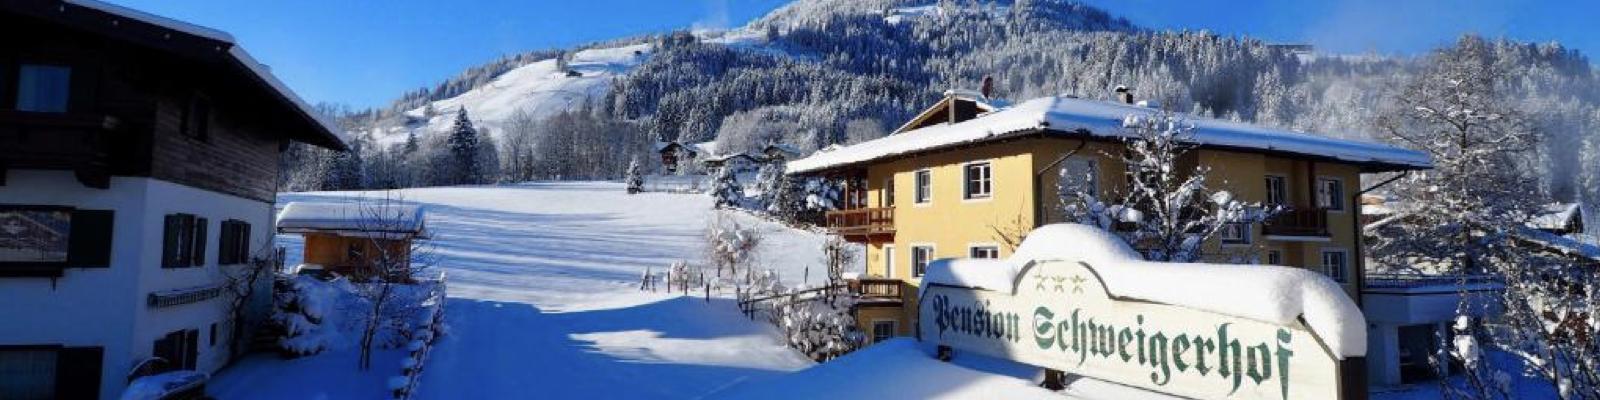 Uge 7: Kirchberg med bus (6 skidage)